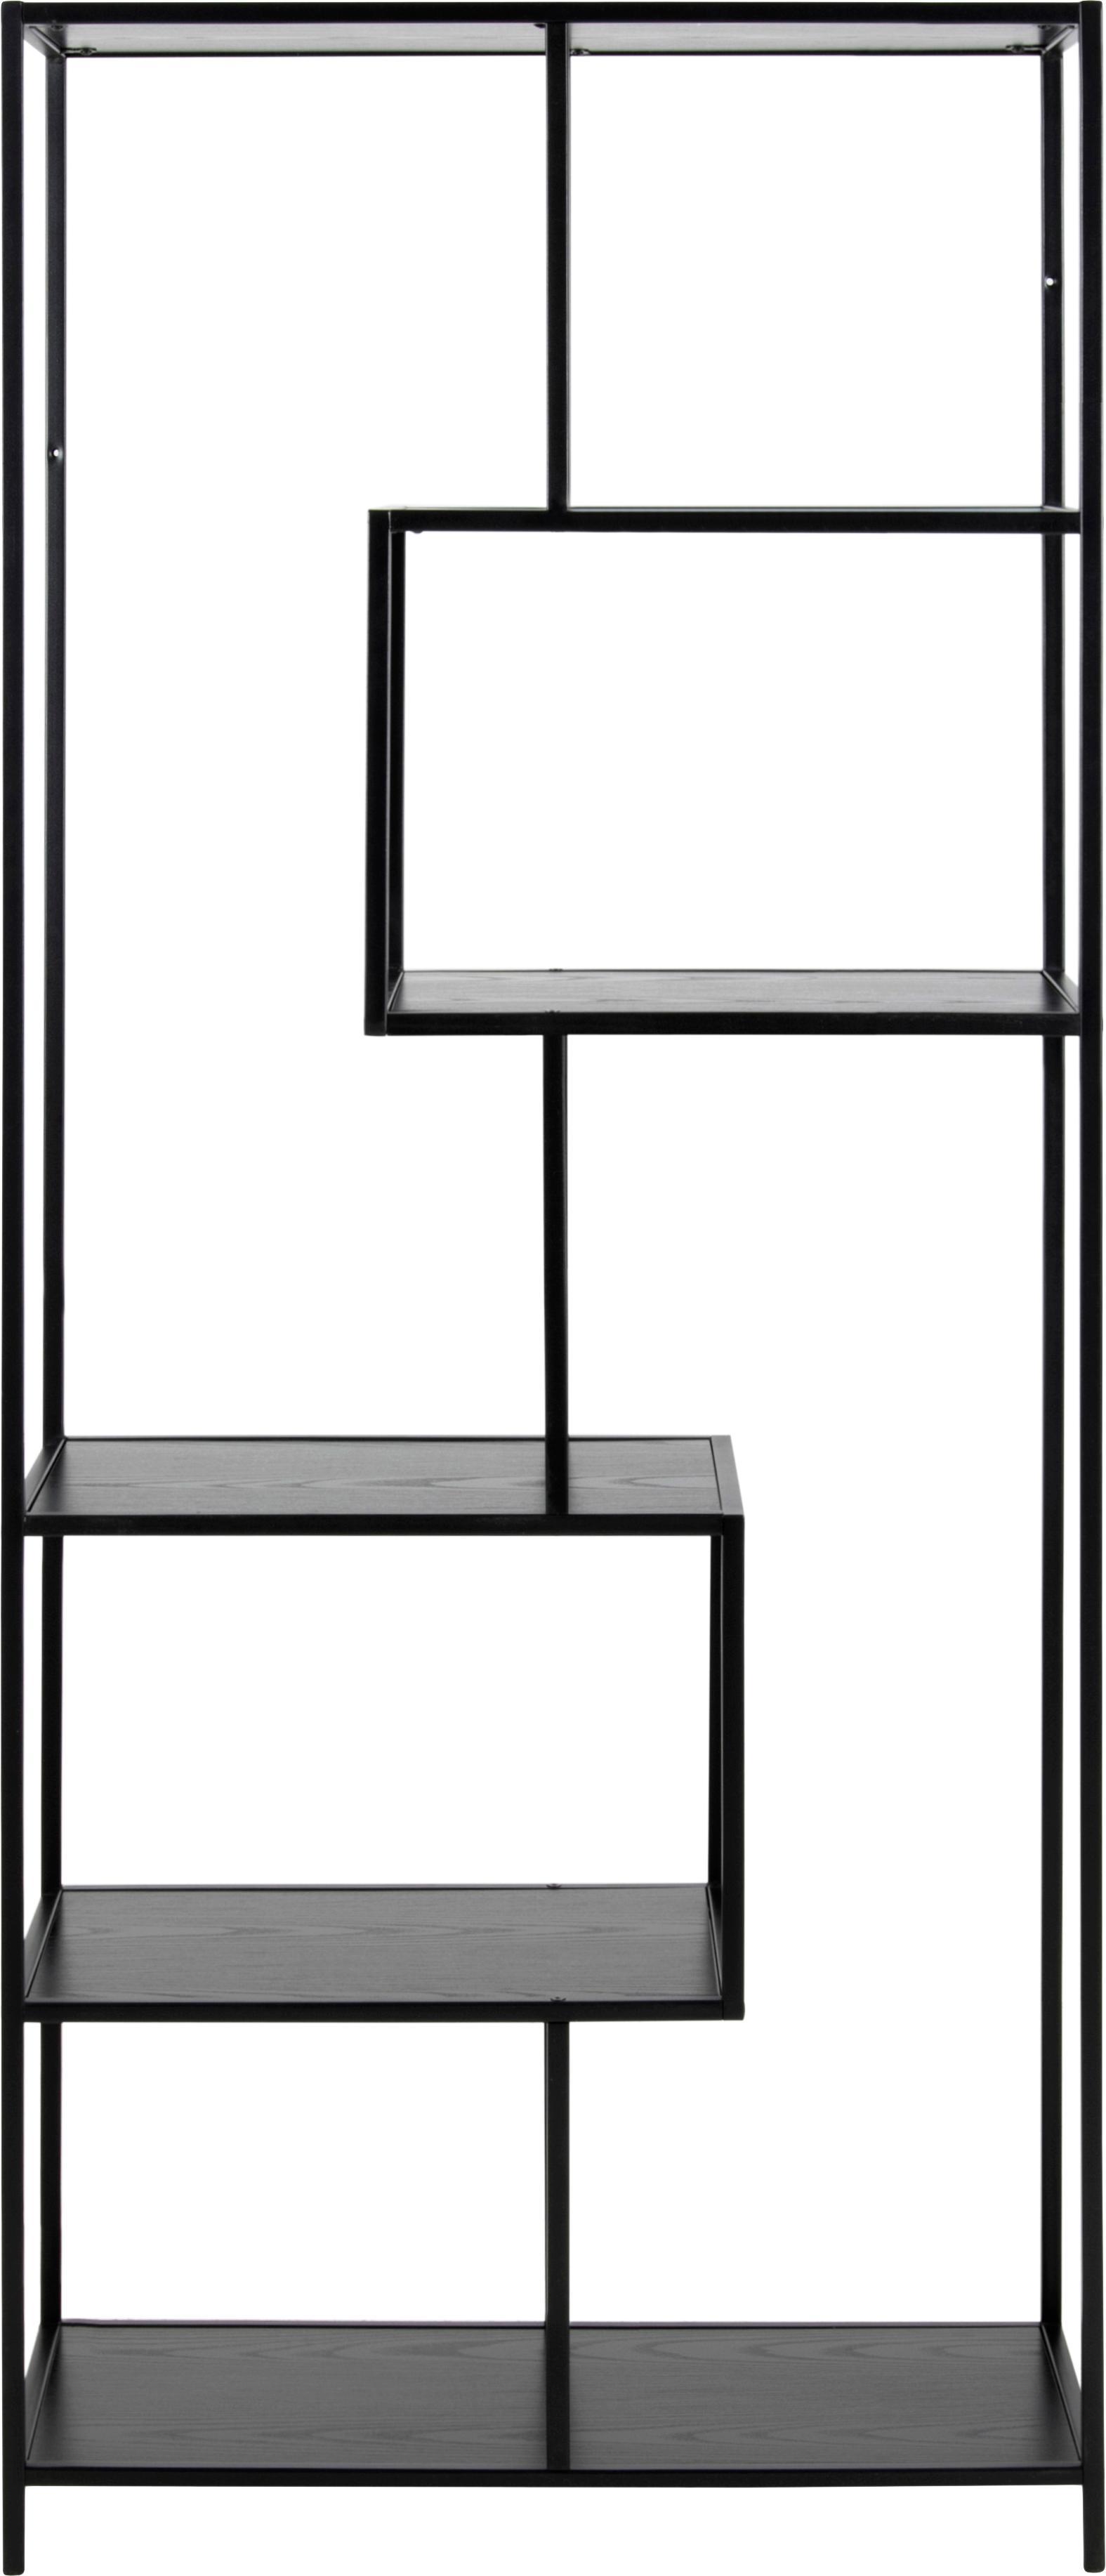 Standregal Seaford Zig aus Holz und Metall, Einlegeböden: Mitteldichte Holzfaserpla, Gestell: Metall, pulverbeschichtet, Schwarz, 77 x 185 cm